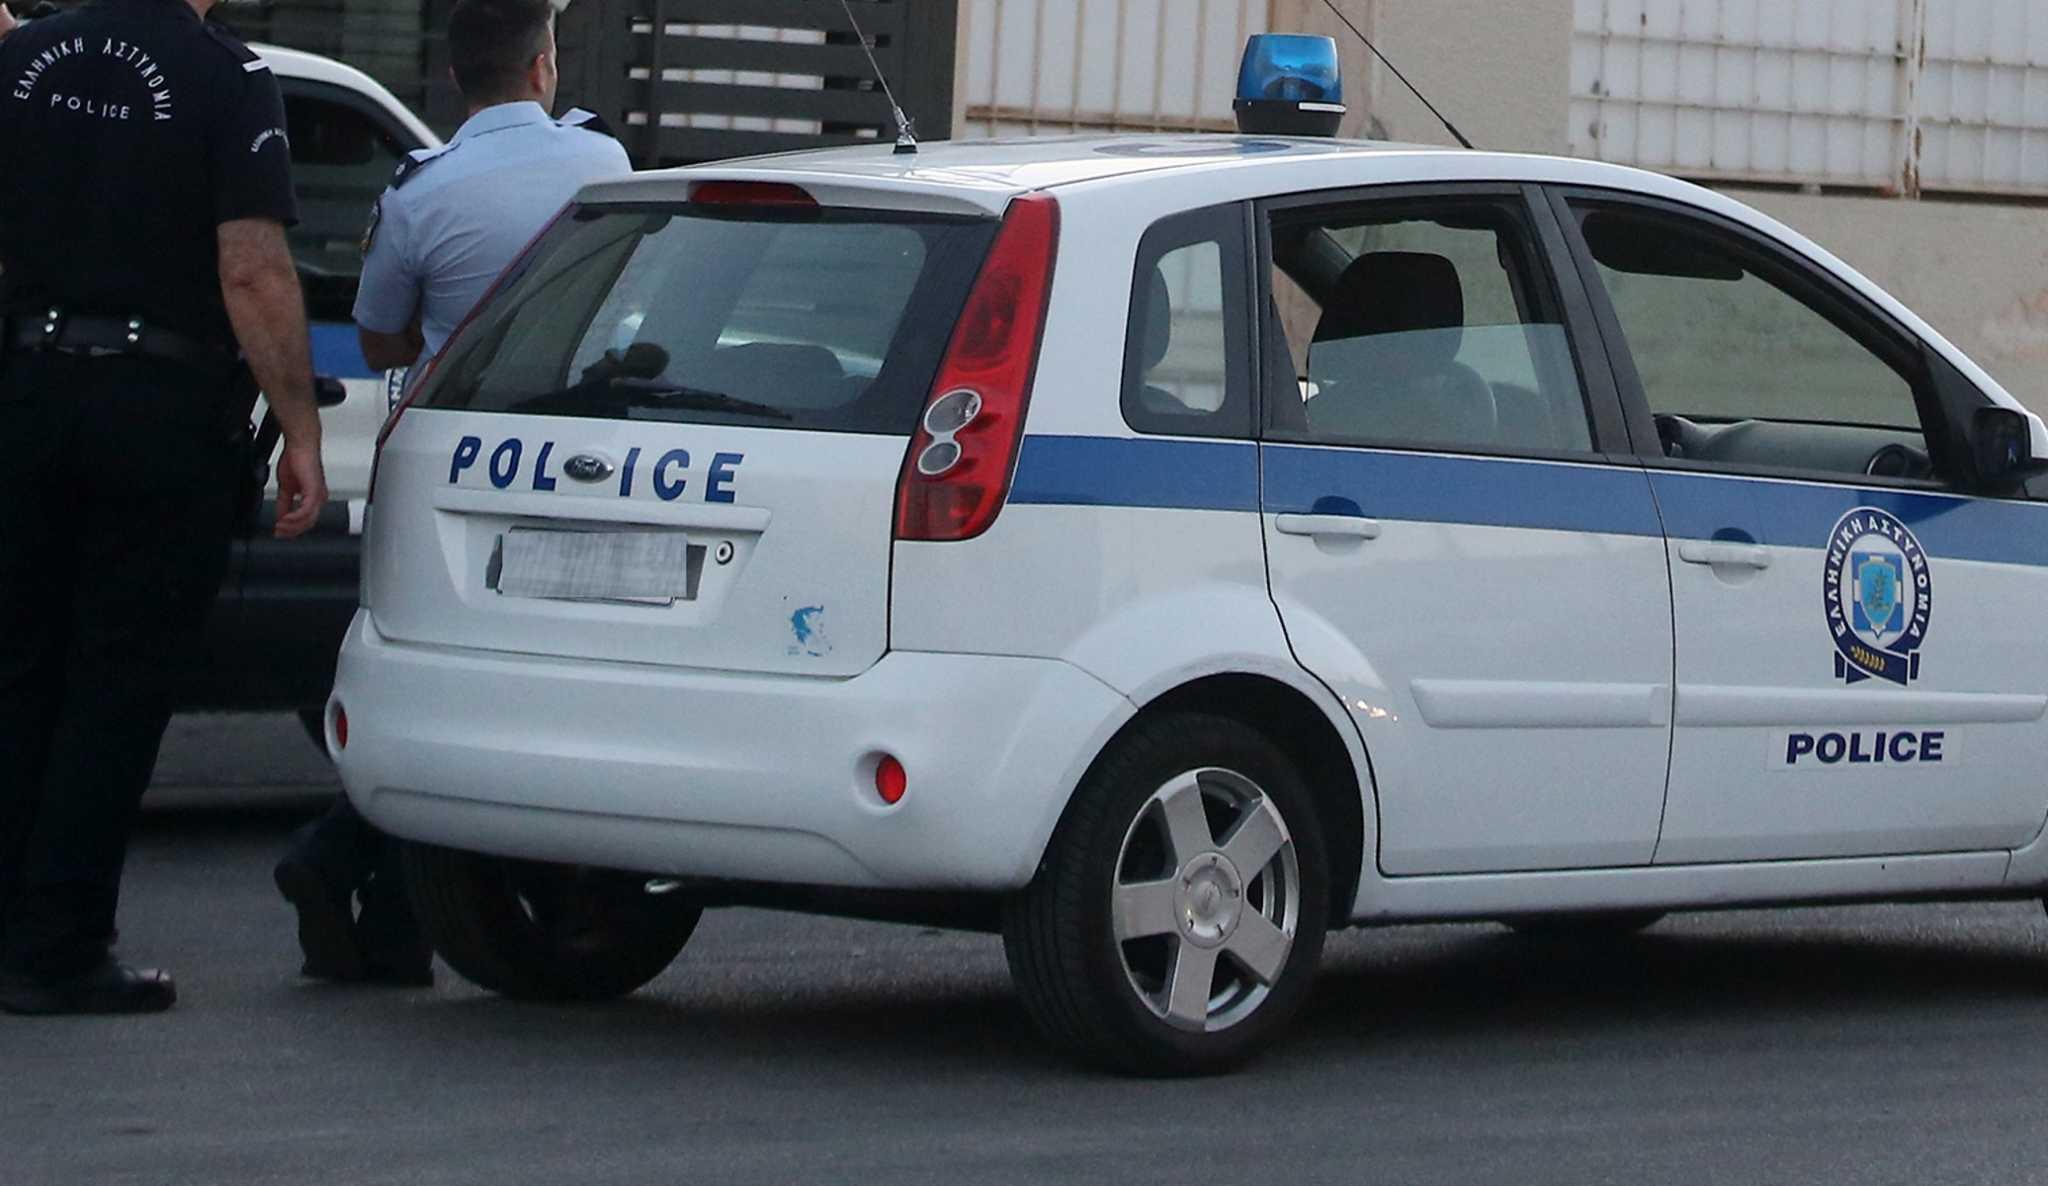 Μαλεσίνα: Πήραν το αμάξι χωρίς δίπλωμα, παραβίασαν τα μέτρα και ακολούθησε καταδίωξη